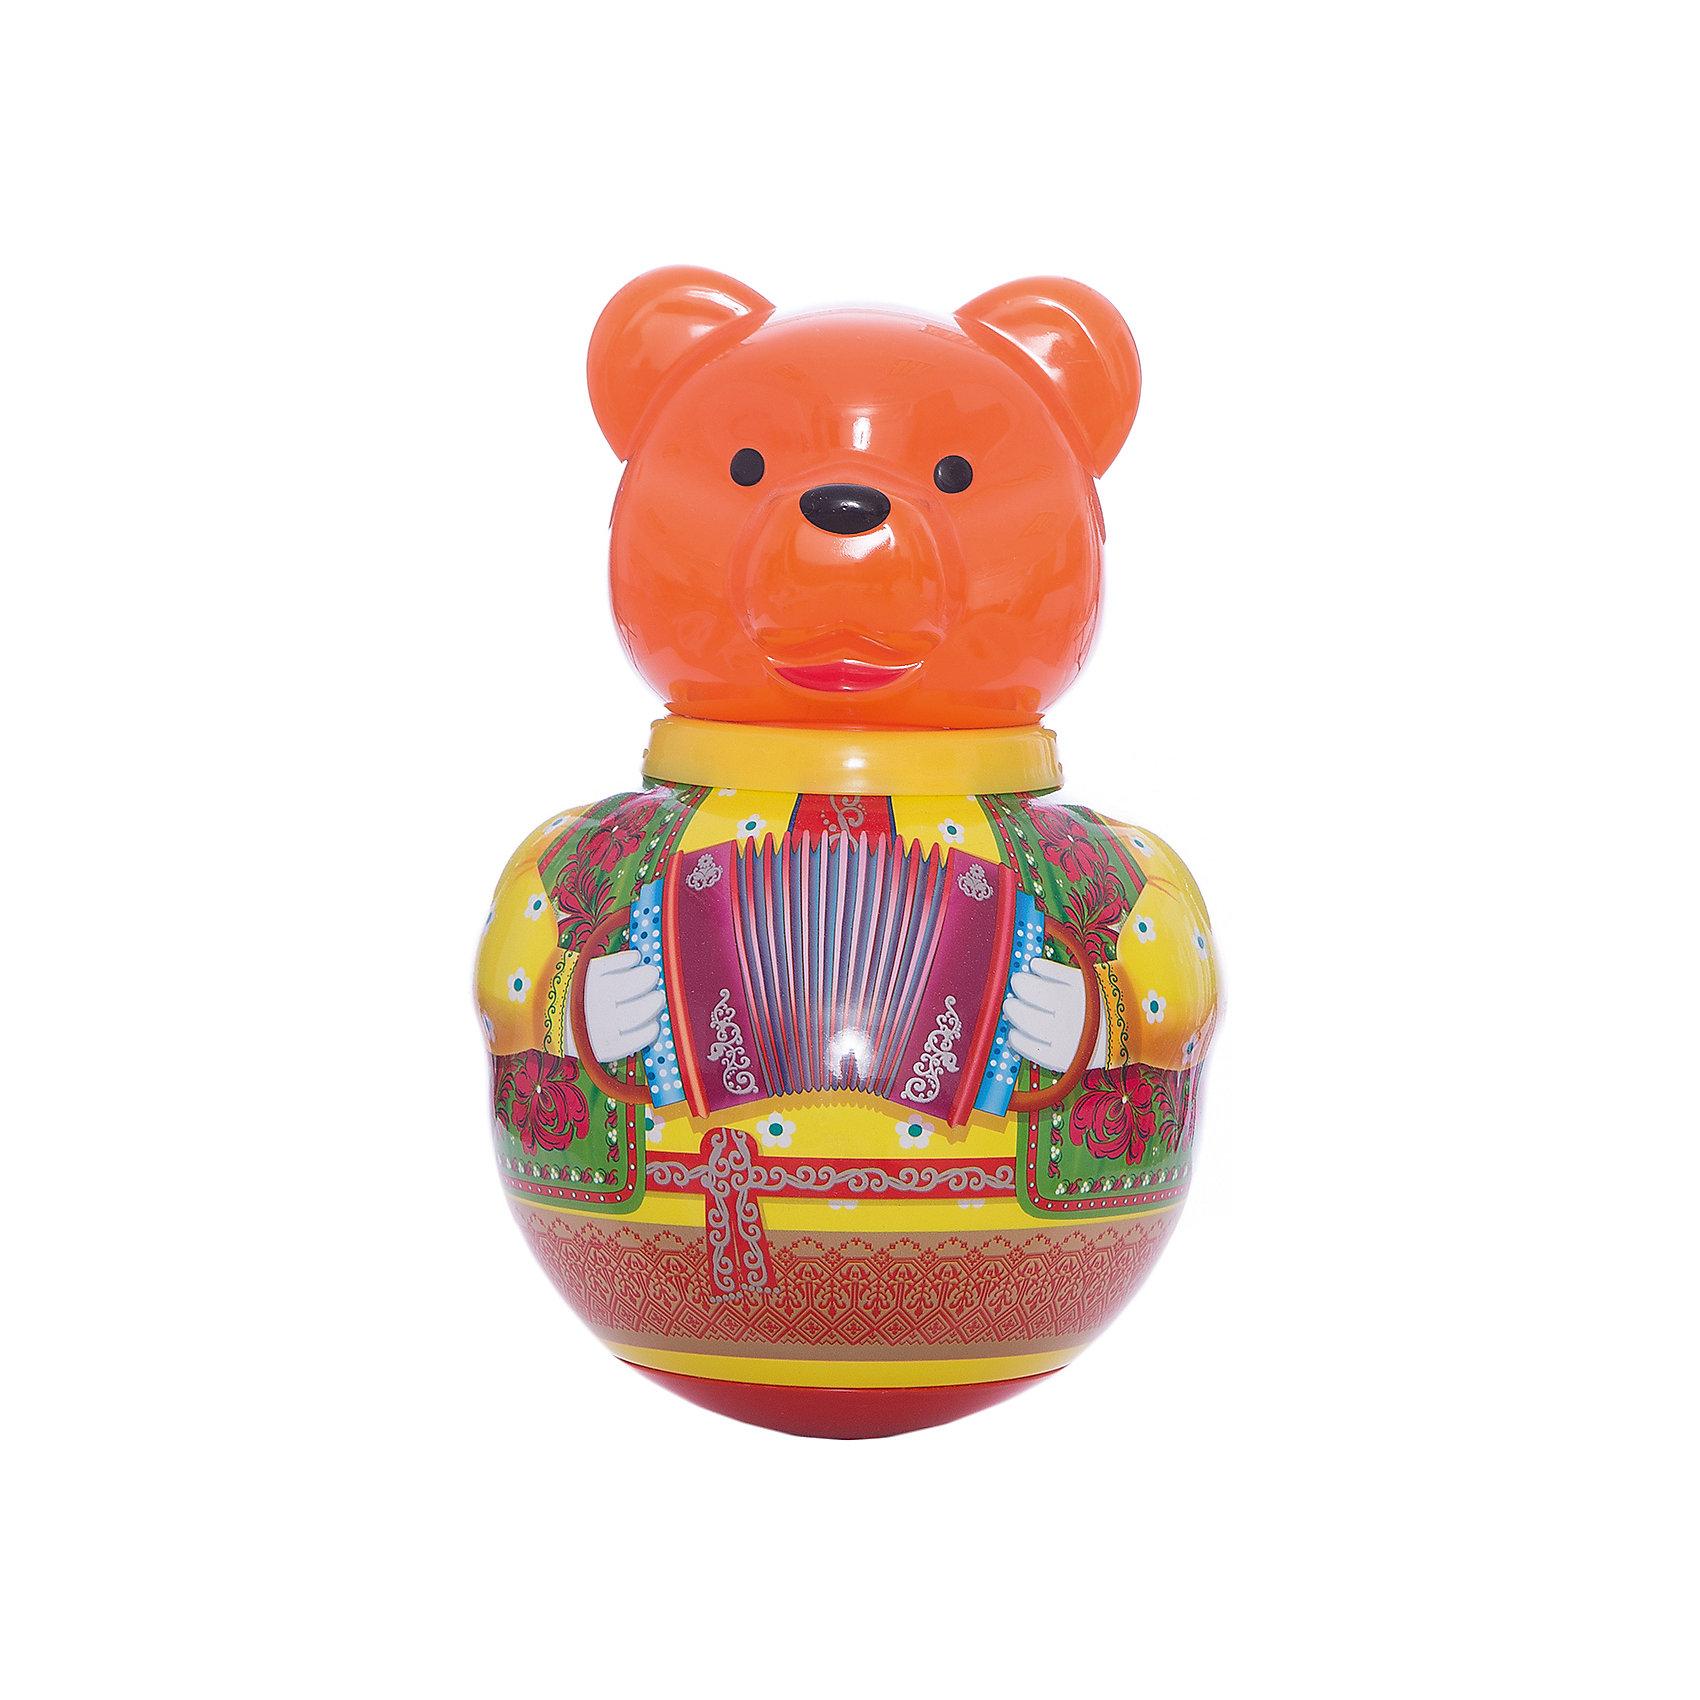 Неваляшка Бурый медведь ПотапычНеваляшка Бурый медведь Потапыч<br><br>Характеристики:<br><br>• привлекательный дизайн<br>• приятный звук <br>• размер игрушки: 18х18х38 см<br>• размер упаковки: 18х18х38 см<br>• вес: 760 грамм<br>• материал: ПЭТ (полиэтилентерефталат)<br><br>Дети очень любят играть с неваляшкой. Так весело наклонять ее в разные стороны и смотреть, как она поднимается обратно! Медвежонок от Стеллар непременно понравится вашему малышу. Он умеет не только подниматься, но и издавать при этом приятные звуки, подобно колокольчику. Кроме того, яркие цвета привлекут внимание и малыш с радостью будет играть снова и снова. Игрушка изготовлена из прочных материалов, безопасных для крохи. Этот медвежонок поднимет настроение и не даст заскучать!<br><br>Неваляшку Бурый медведь Потапыч вы можете купить в нашем интернет-магазине.<br><br>Ширина мм: 185<br>Глубина мм: 180<br>Высота мм: 300<br>Вес г: 500<br>Возраст от месяцев: 36<br>Возраст до месяцев: 2147483647<br>Пол: Унисекс<br>Возраст: Детский<br>SKU: 4915283